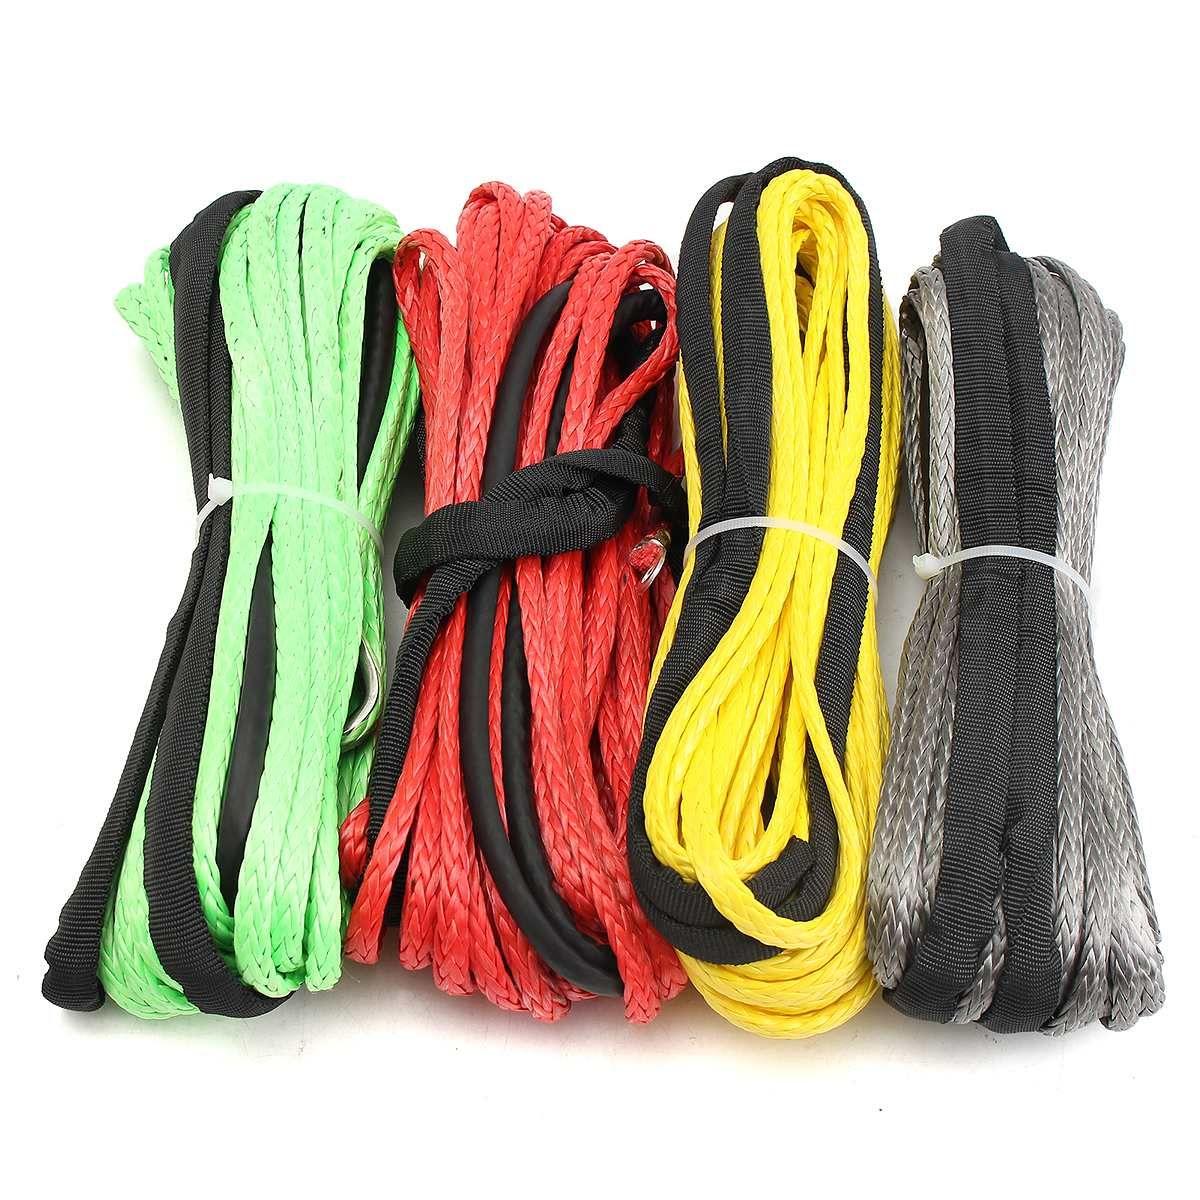 Лучшая цена 3/16 ''х 50 'Синтетический Волокно лебедки кабельной линии веревка 5500 LBS + оболочка для ATV UTV 5.5 мм * 15 м химическое